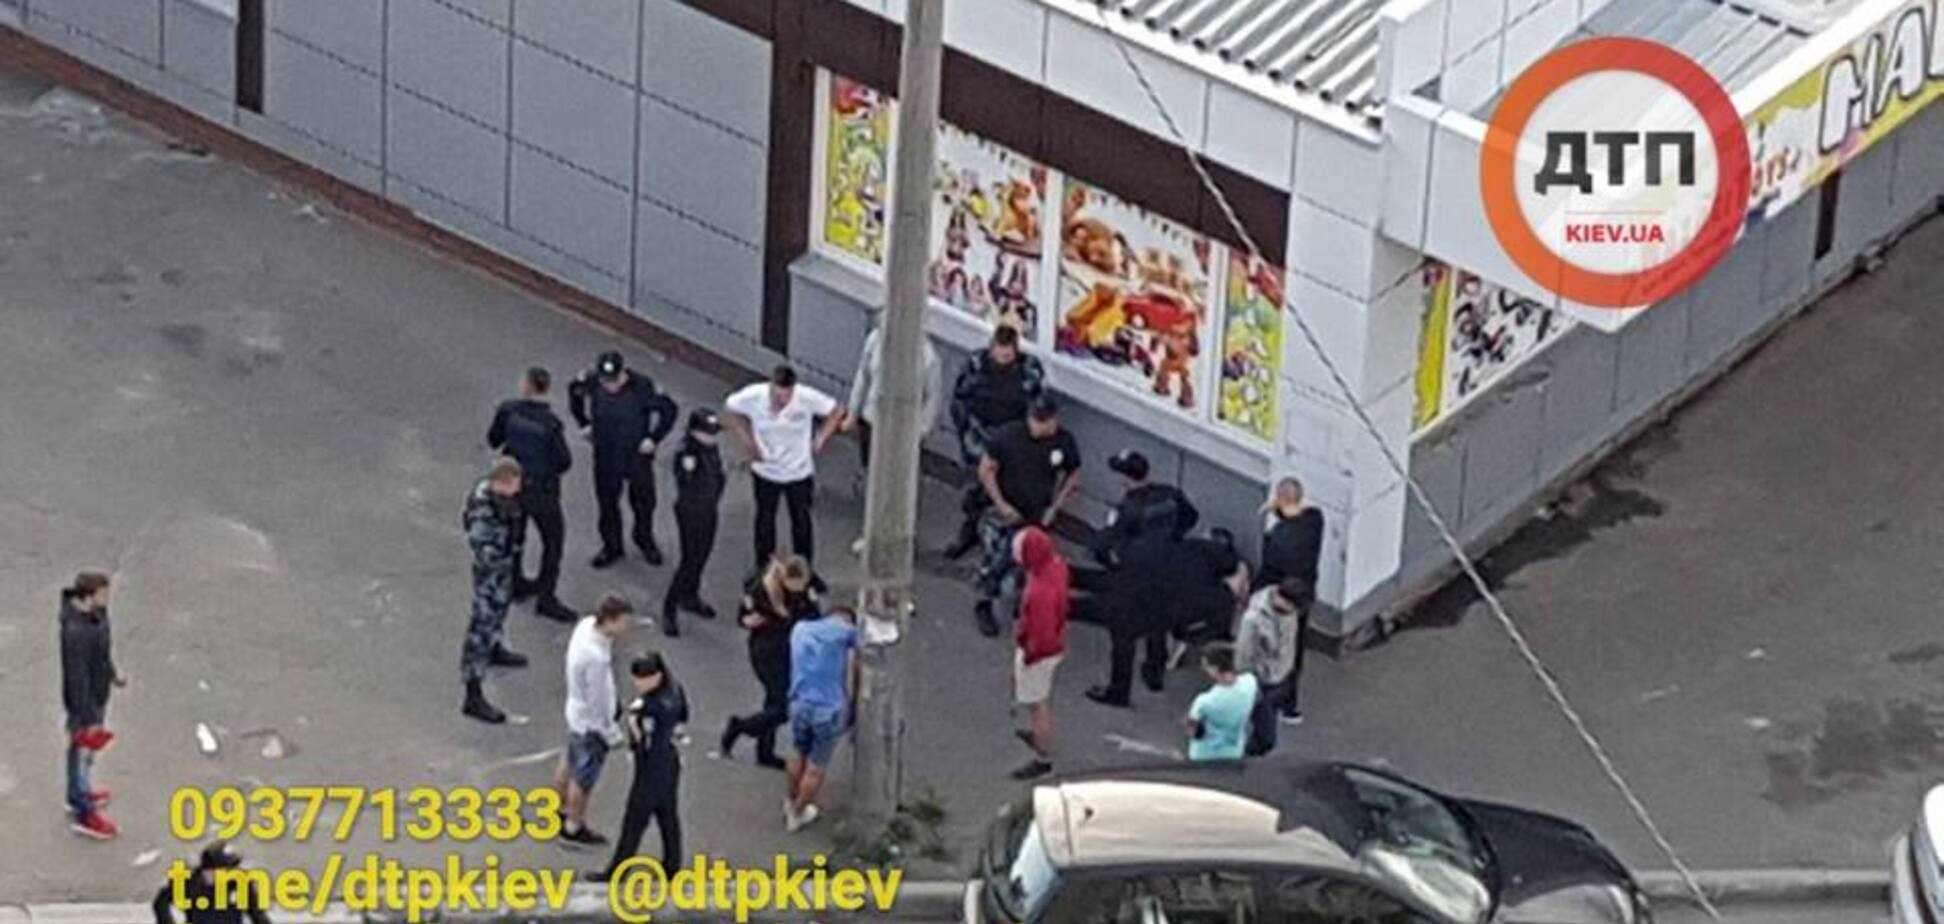 В Киеве мужчина устроил стрельбу из травматического оружия